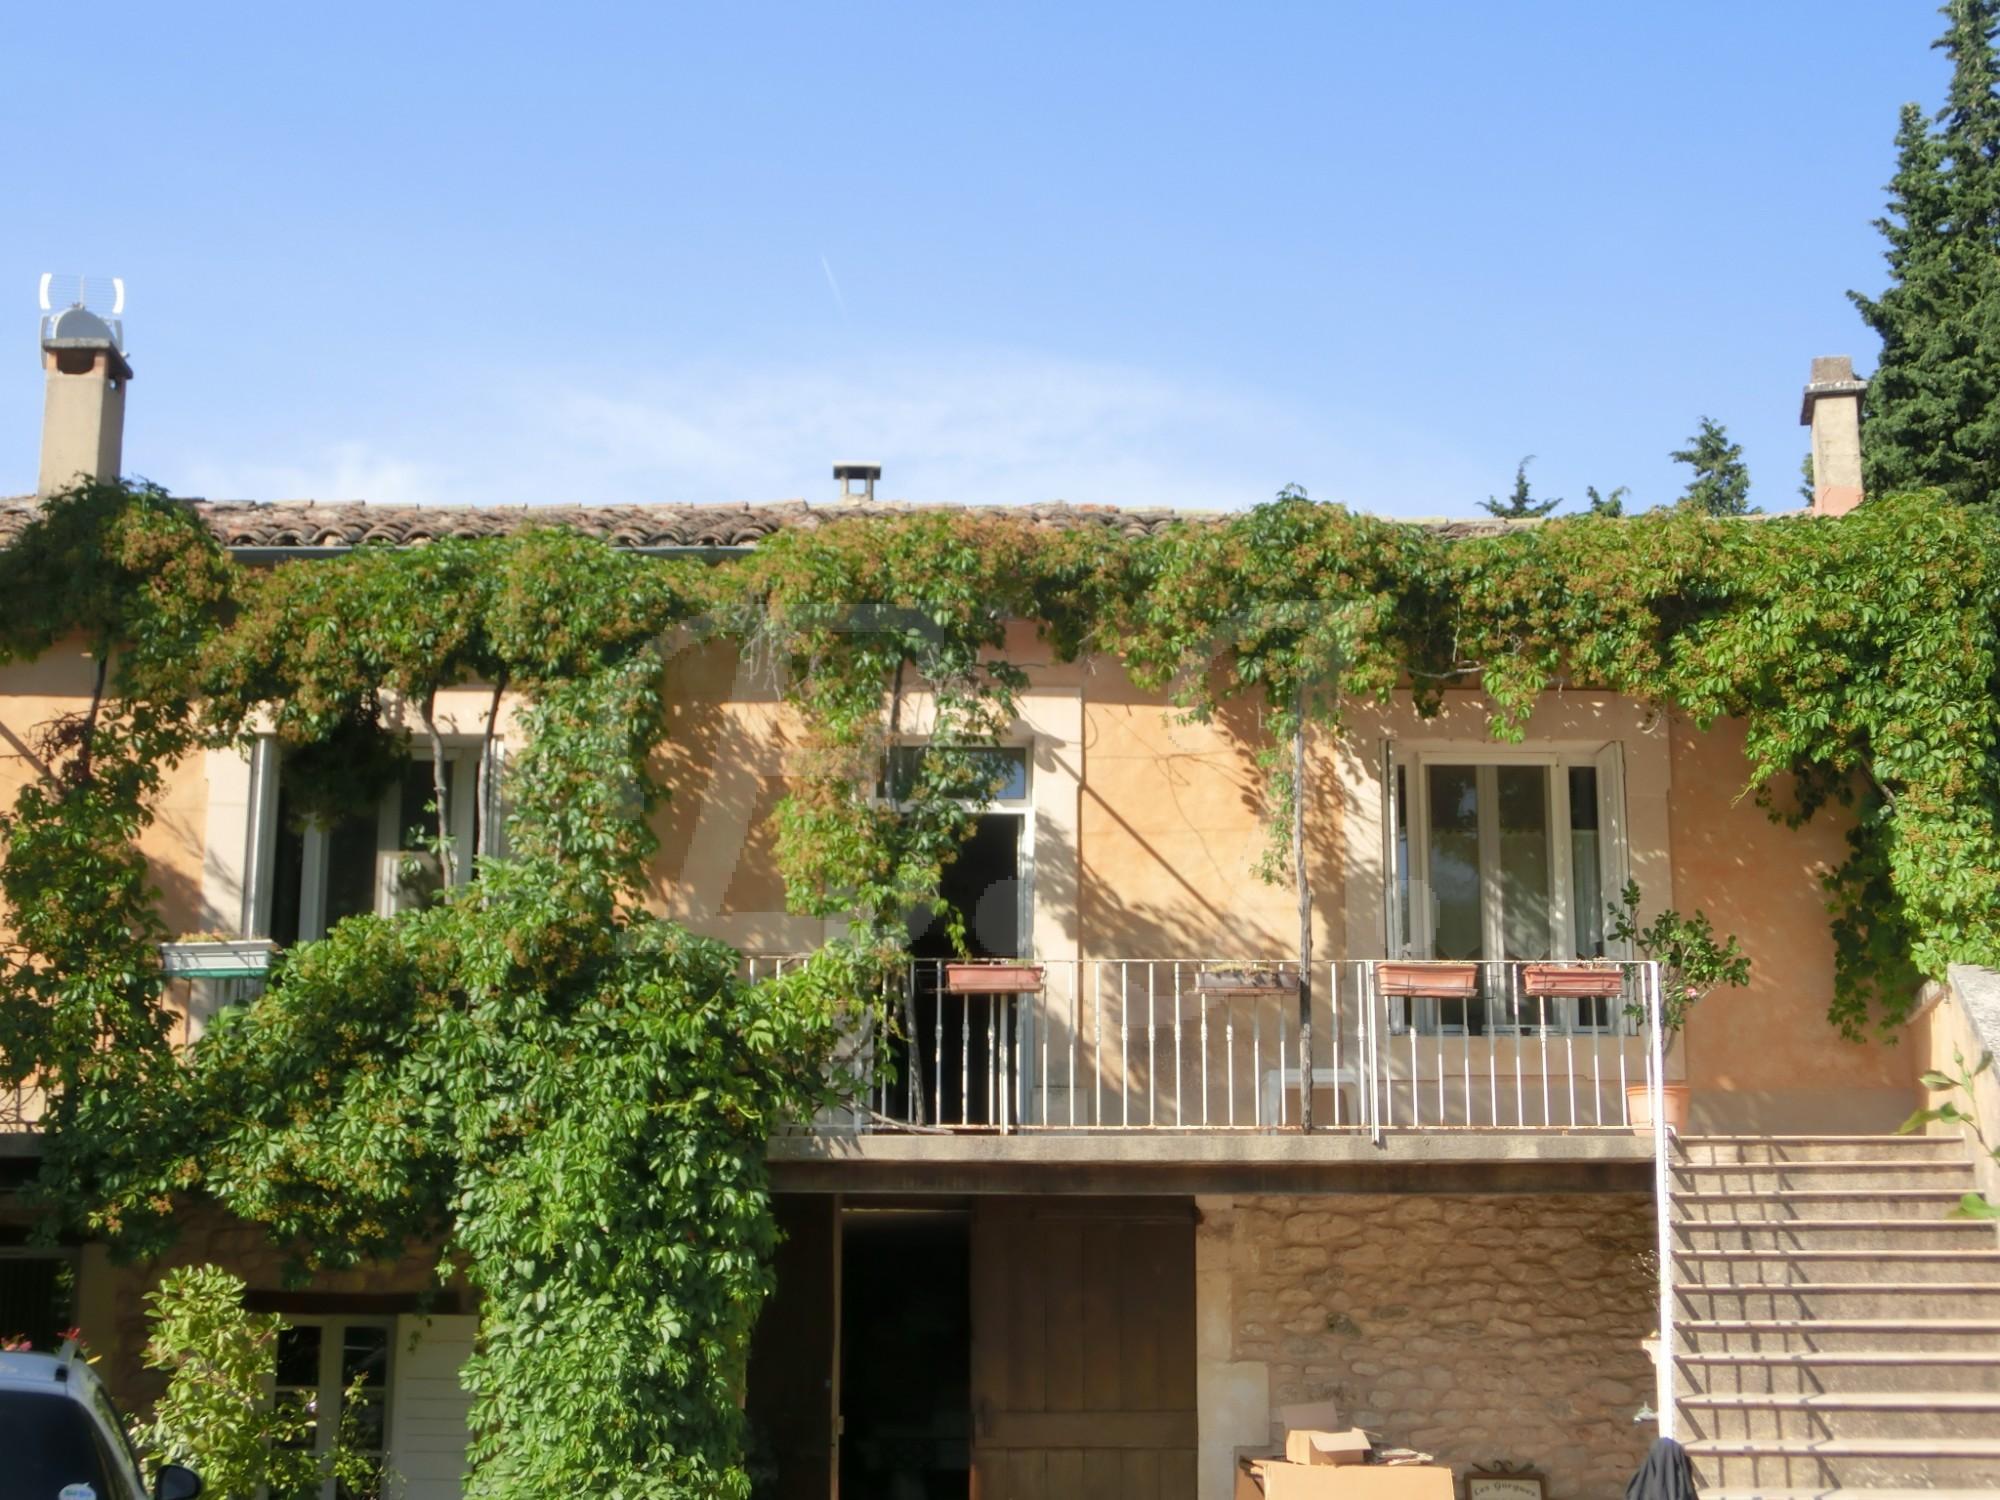 Agence Immobiliere Pour Acheter Un Garage Fontaine De Vaucluse L